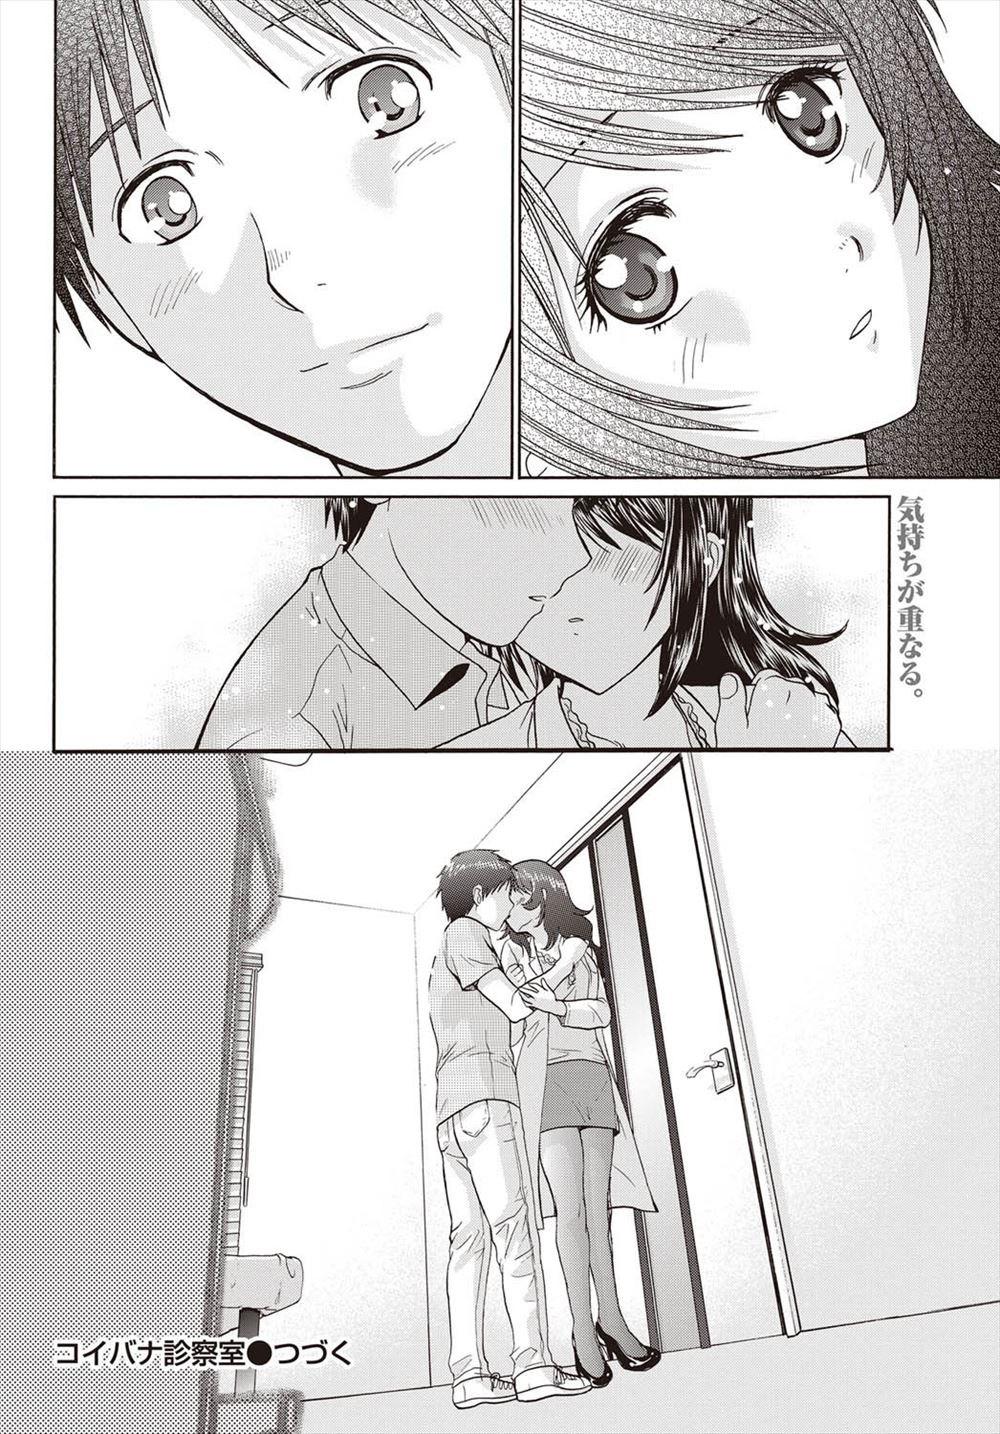 【エロ漫画同人誌】クリニックに来たセックス依存症女を治す、ってことで3Pセックスで問題解決する恋華さんwwww 020